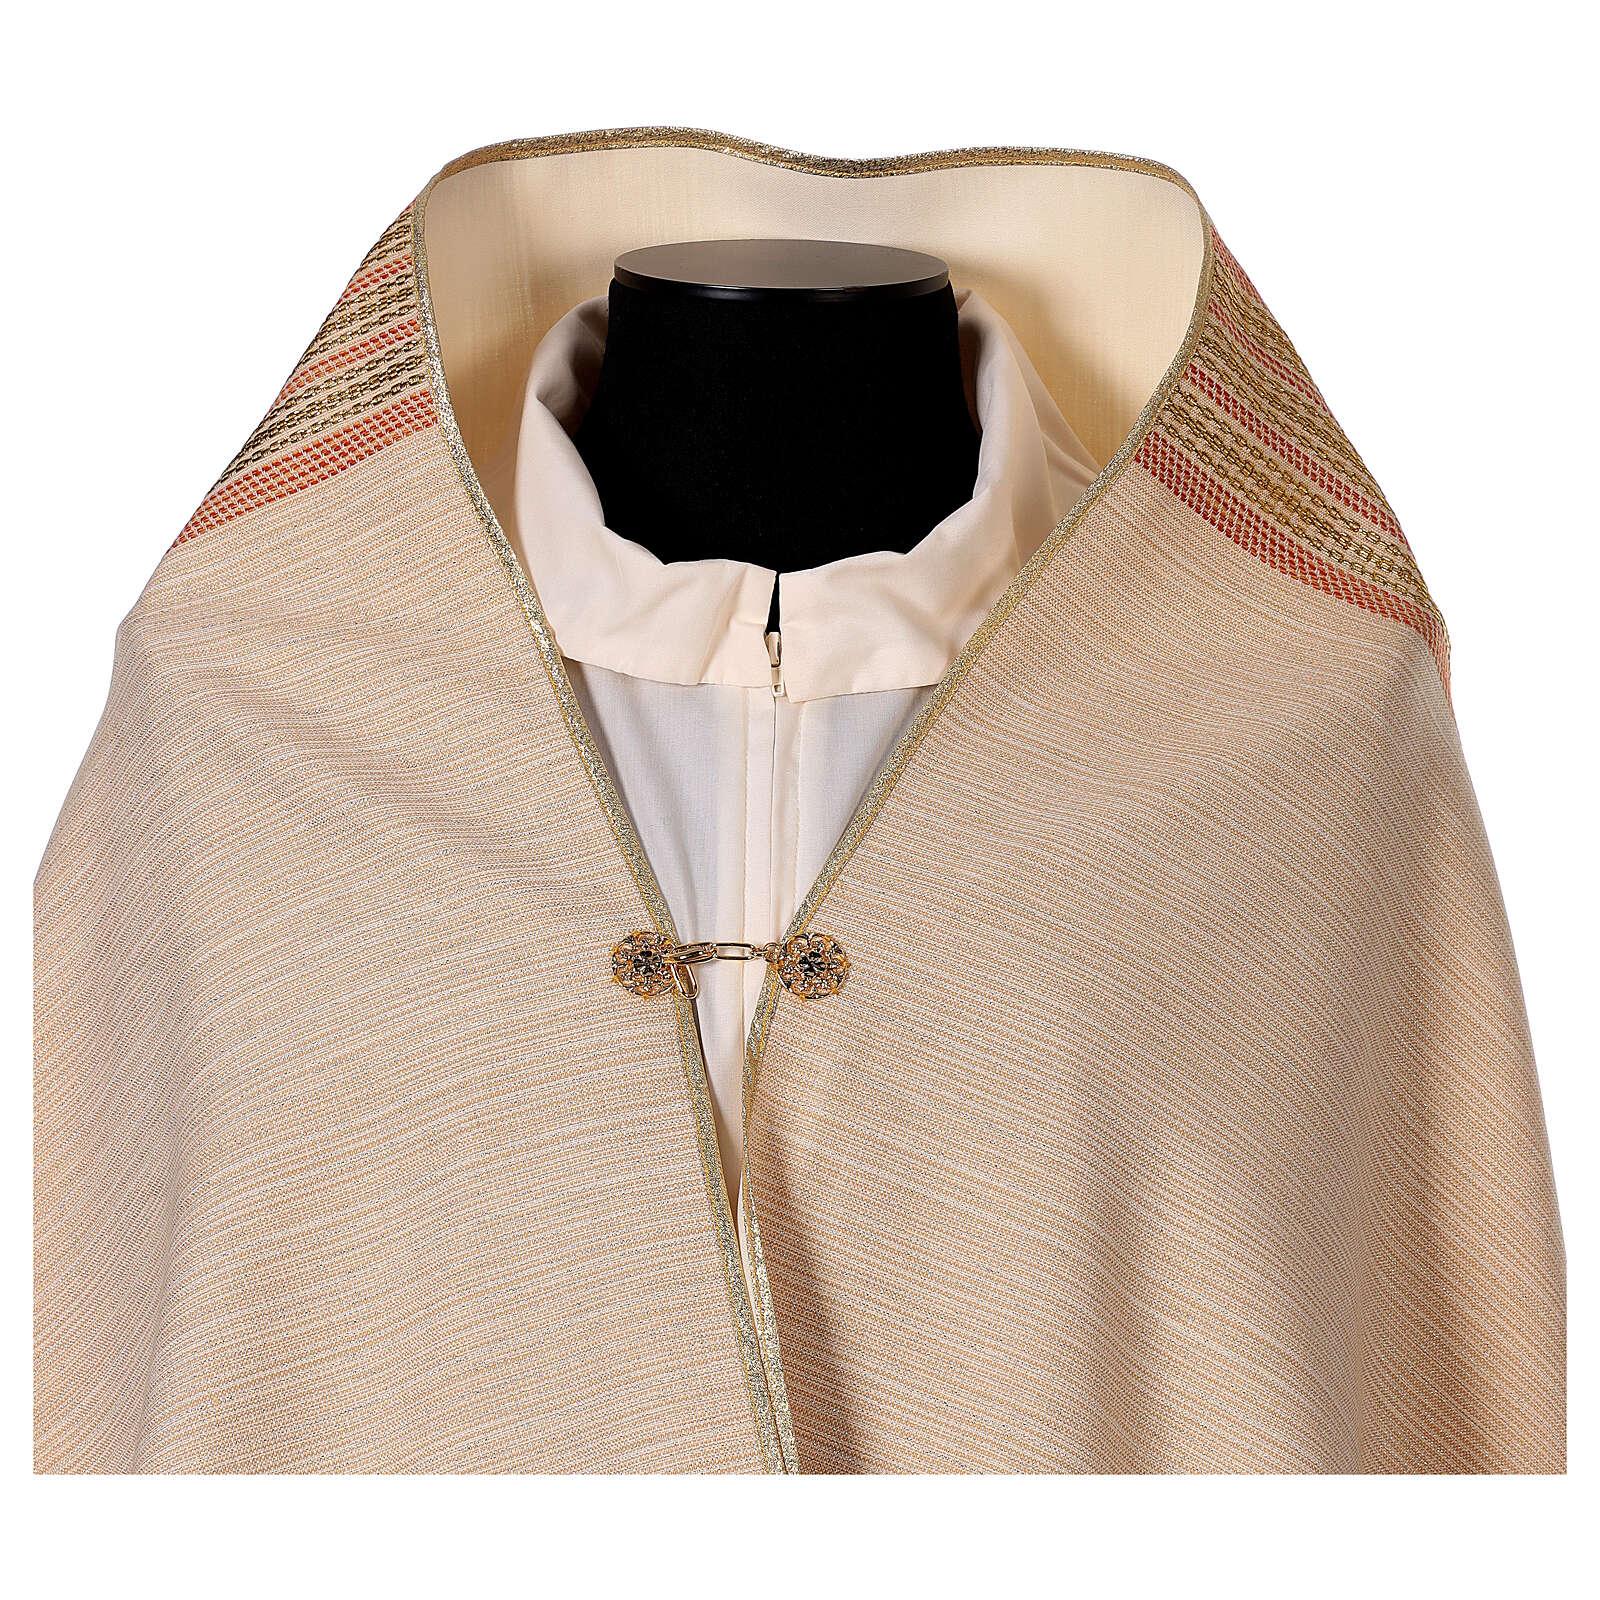 STOCK Velo humeral lana y seda marfil y bordado dorado IHS 4